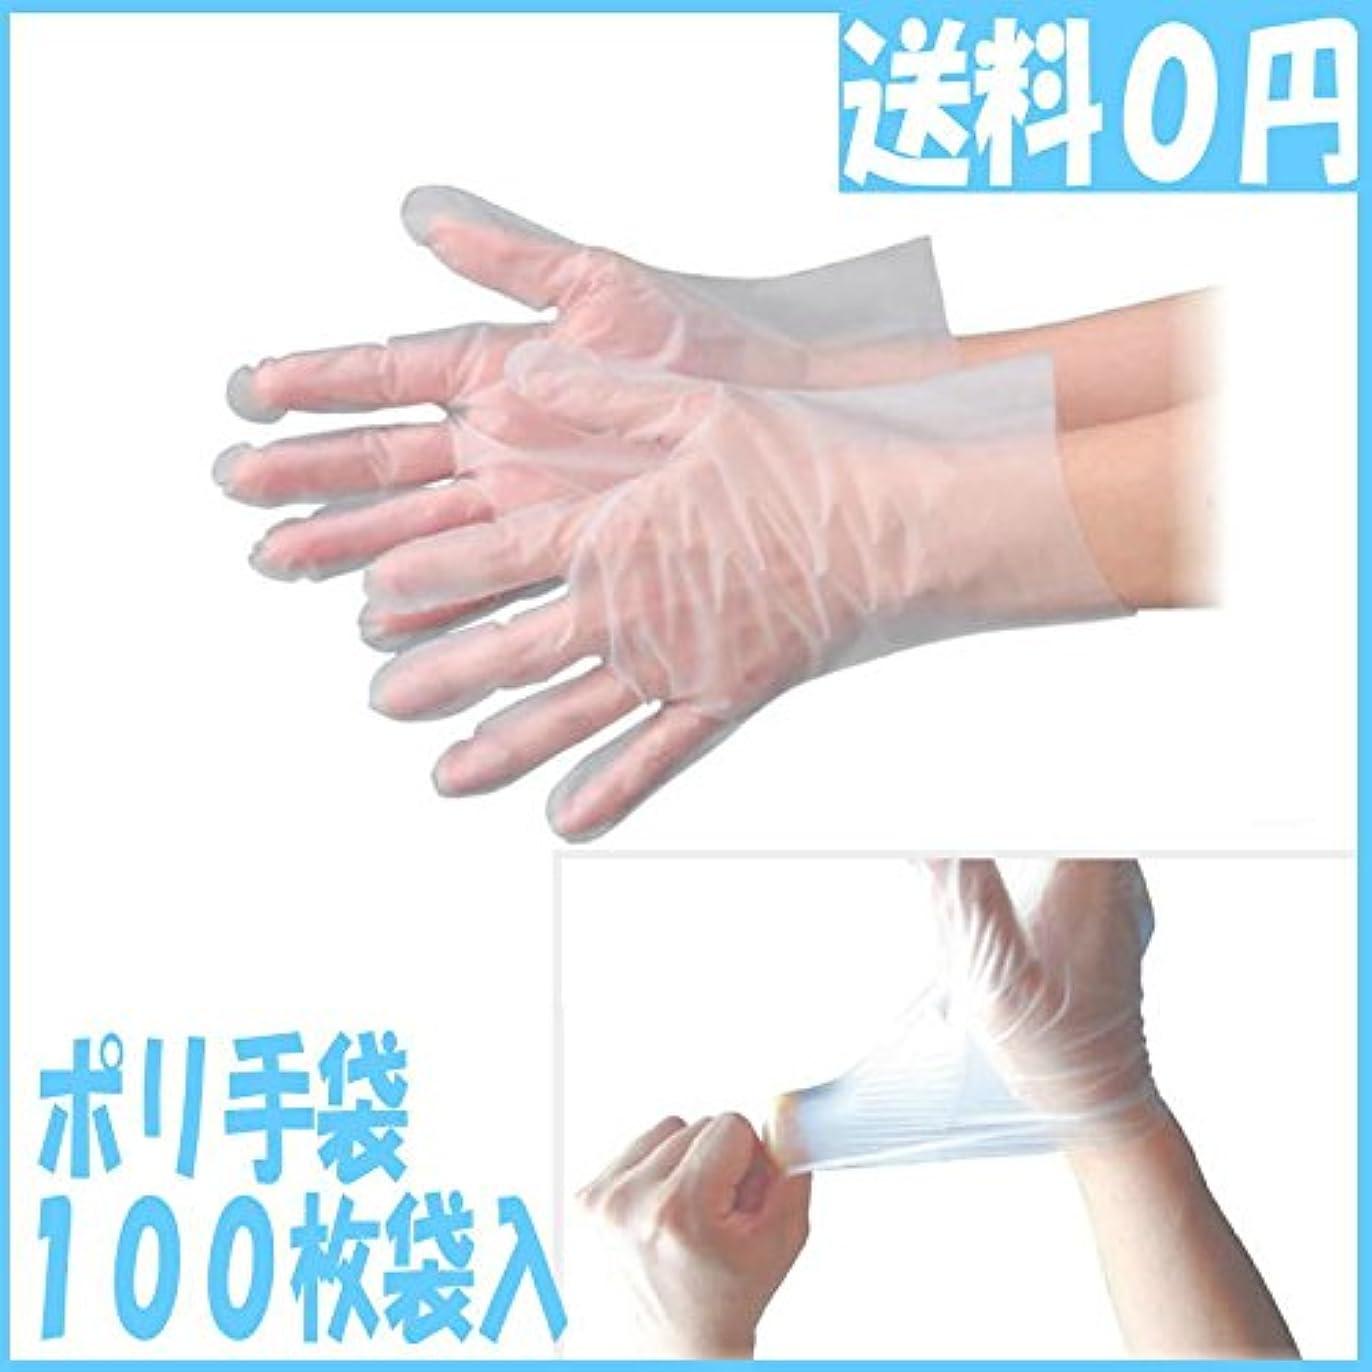 増幅勇気のある記念使い捨てポリエチレン手袋 100枚袋入り シルキータッチ35【ポリ手袋】 (S)